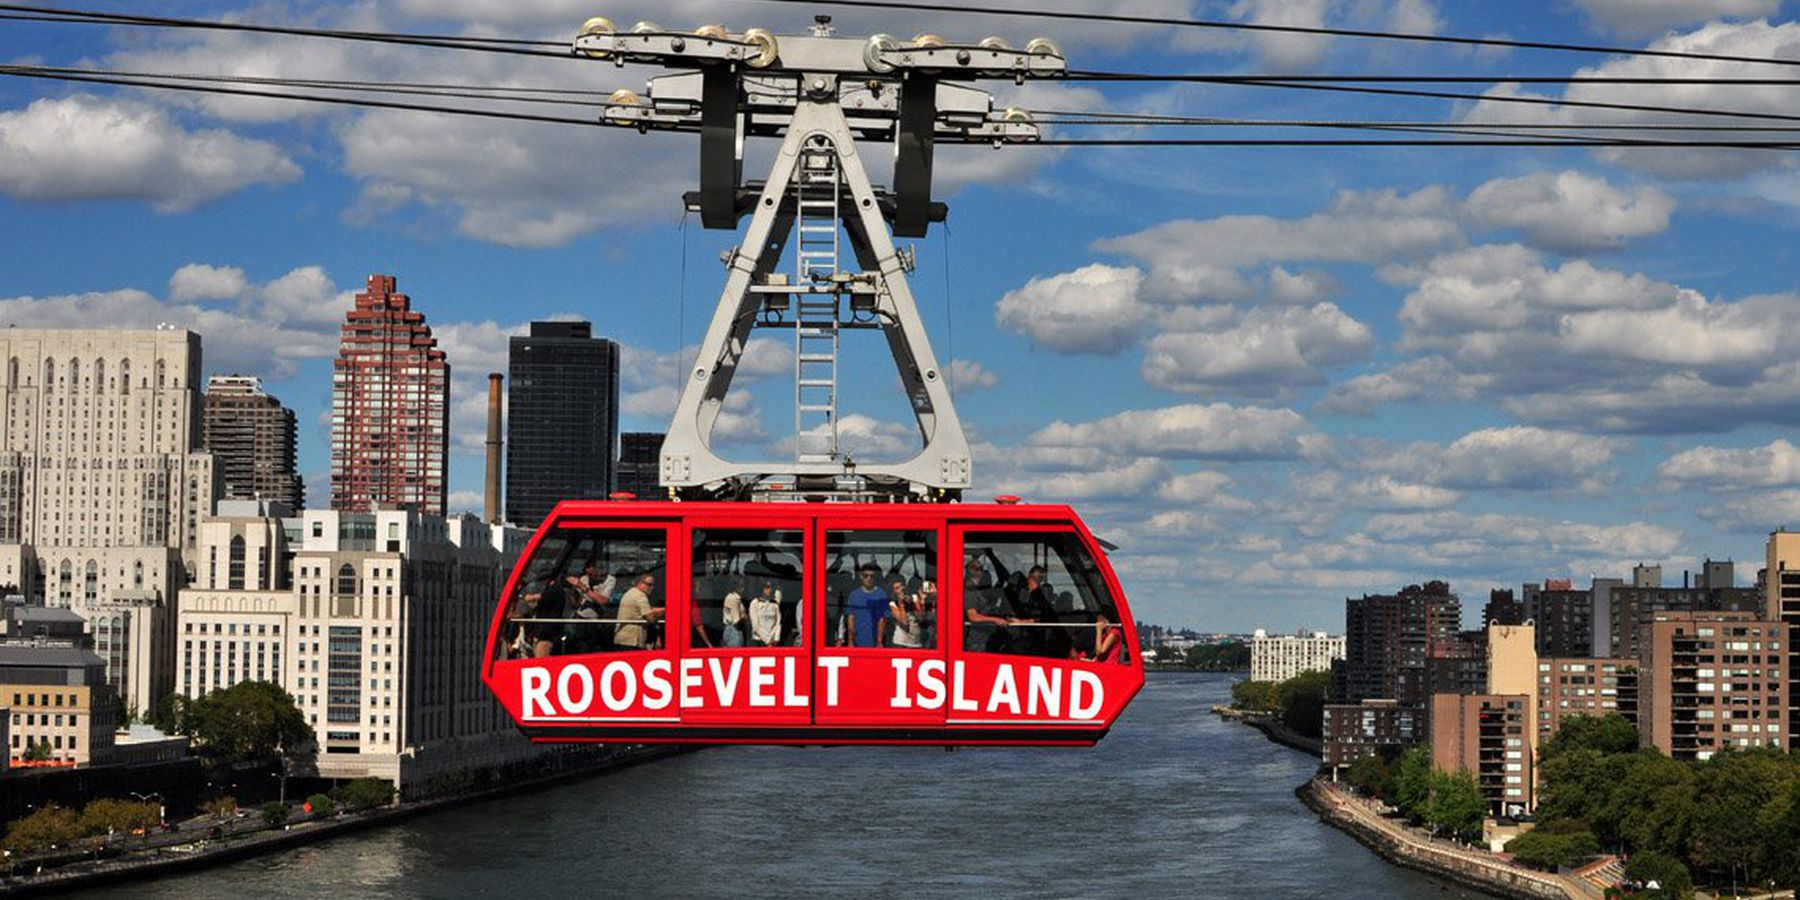 Roosevelt Island tramway - New York - Doets Reizen